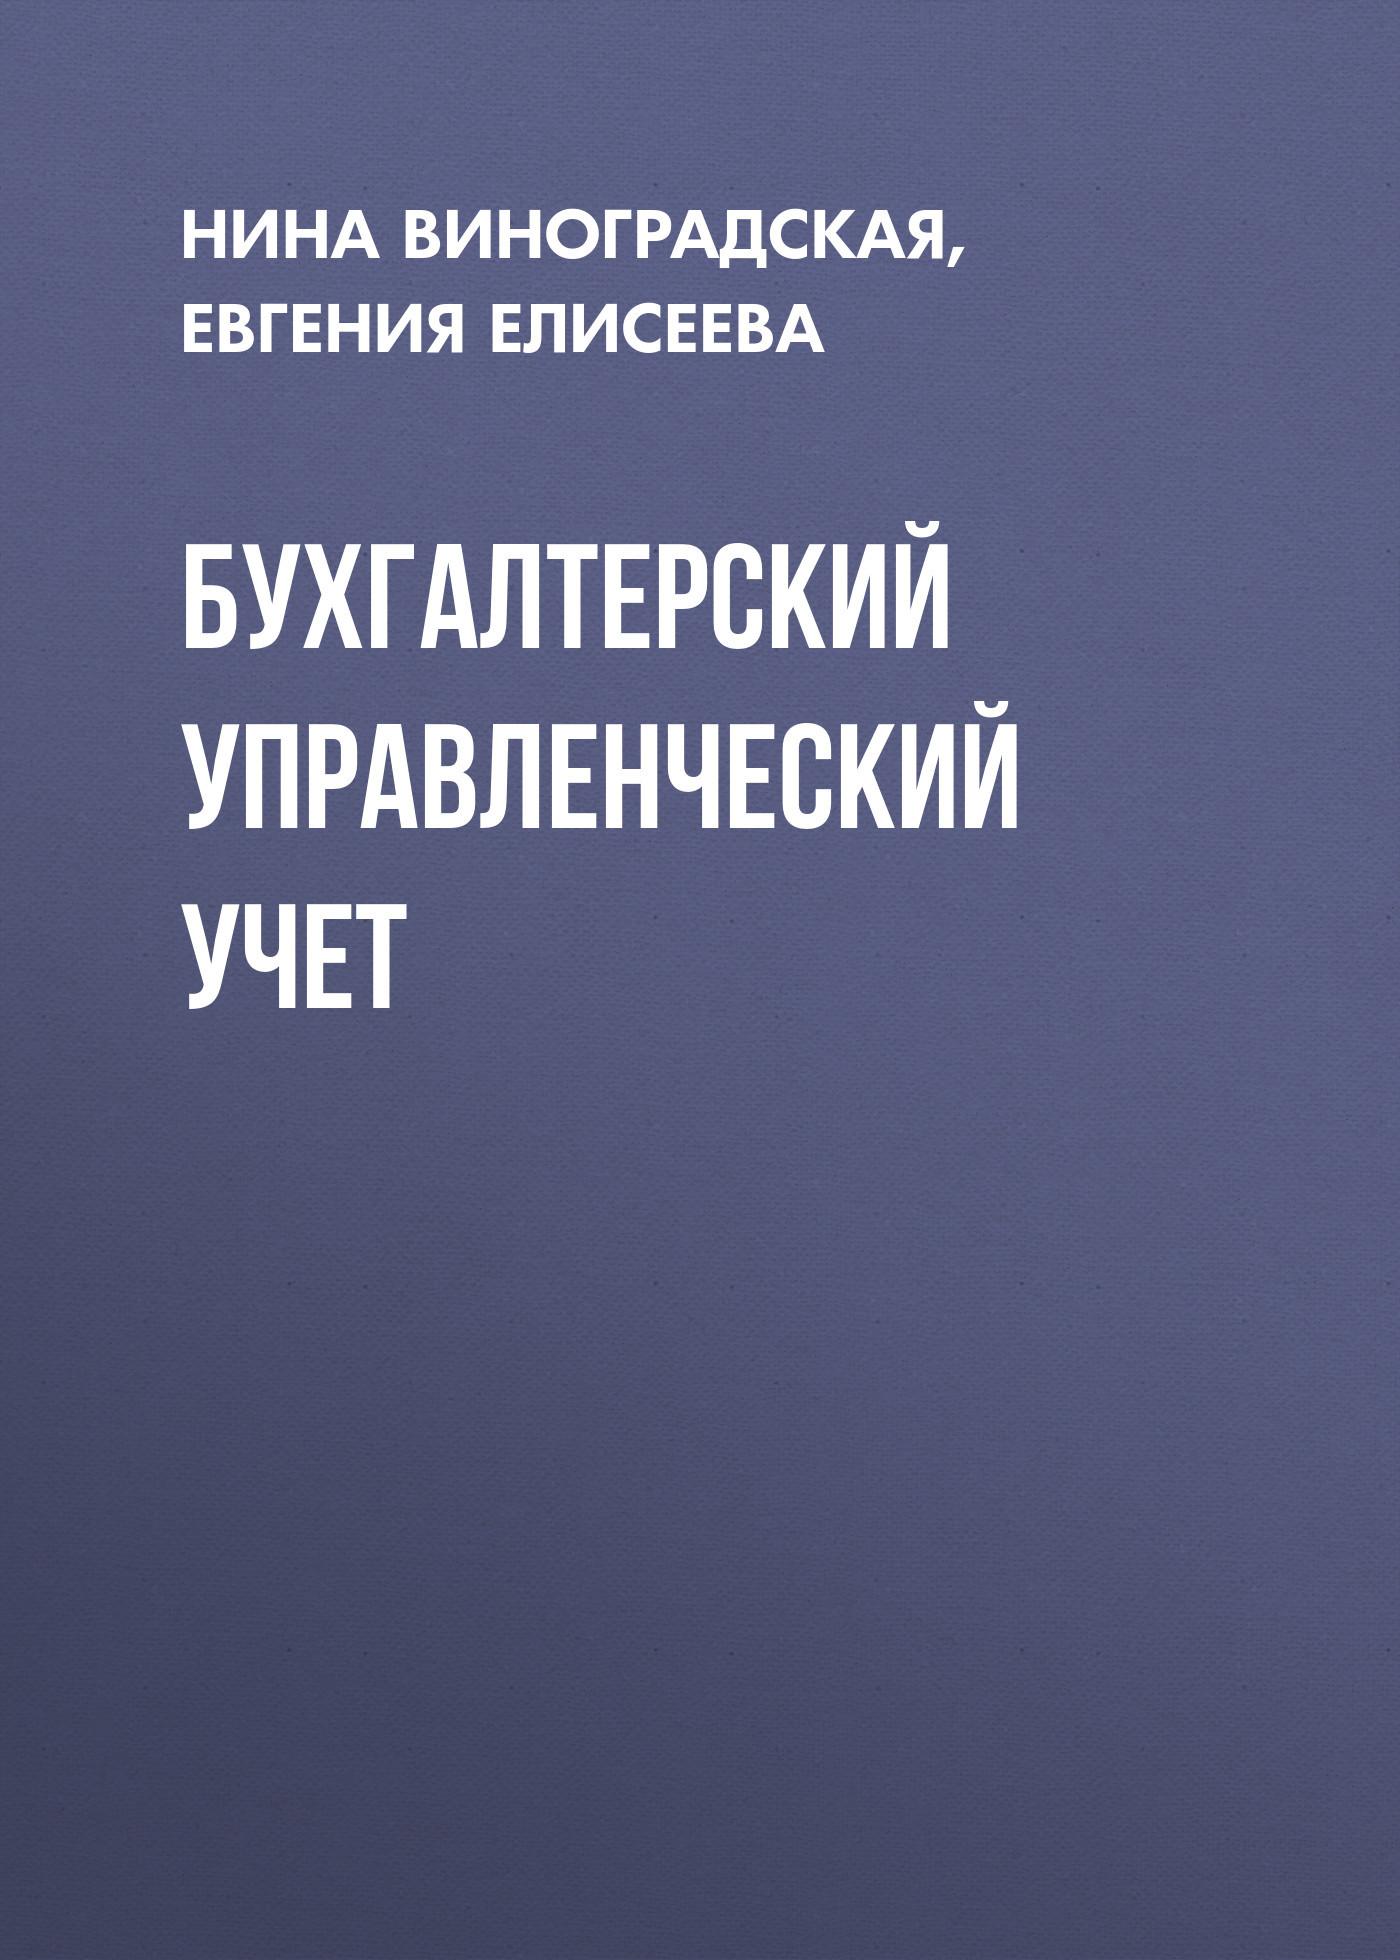 Евгения Елисеева Бухгалтерский управленческий учет